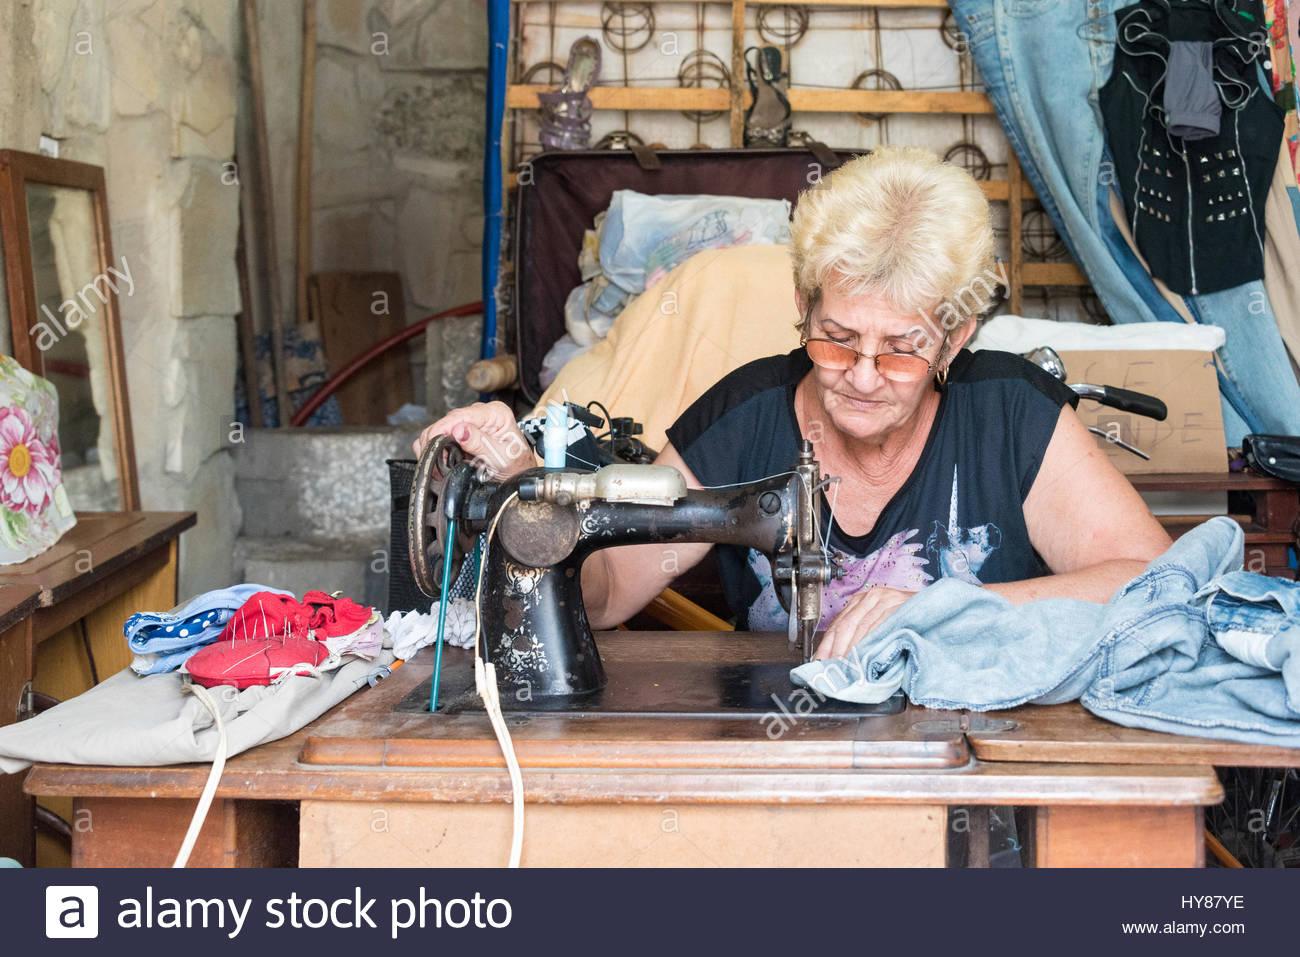 Kubanische Selbständige Schneiderin Frau Nähen Alte Kleidung Oder